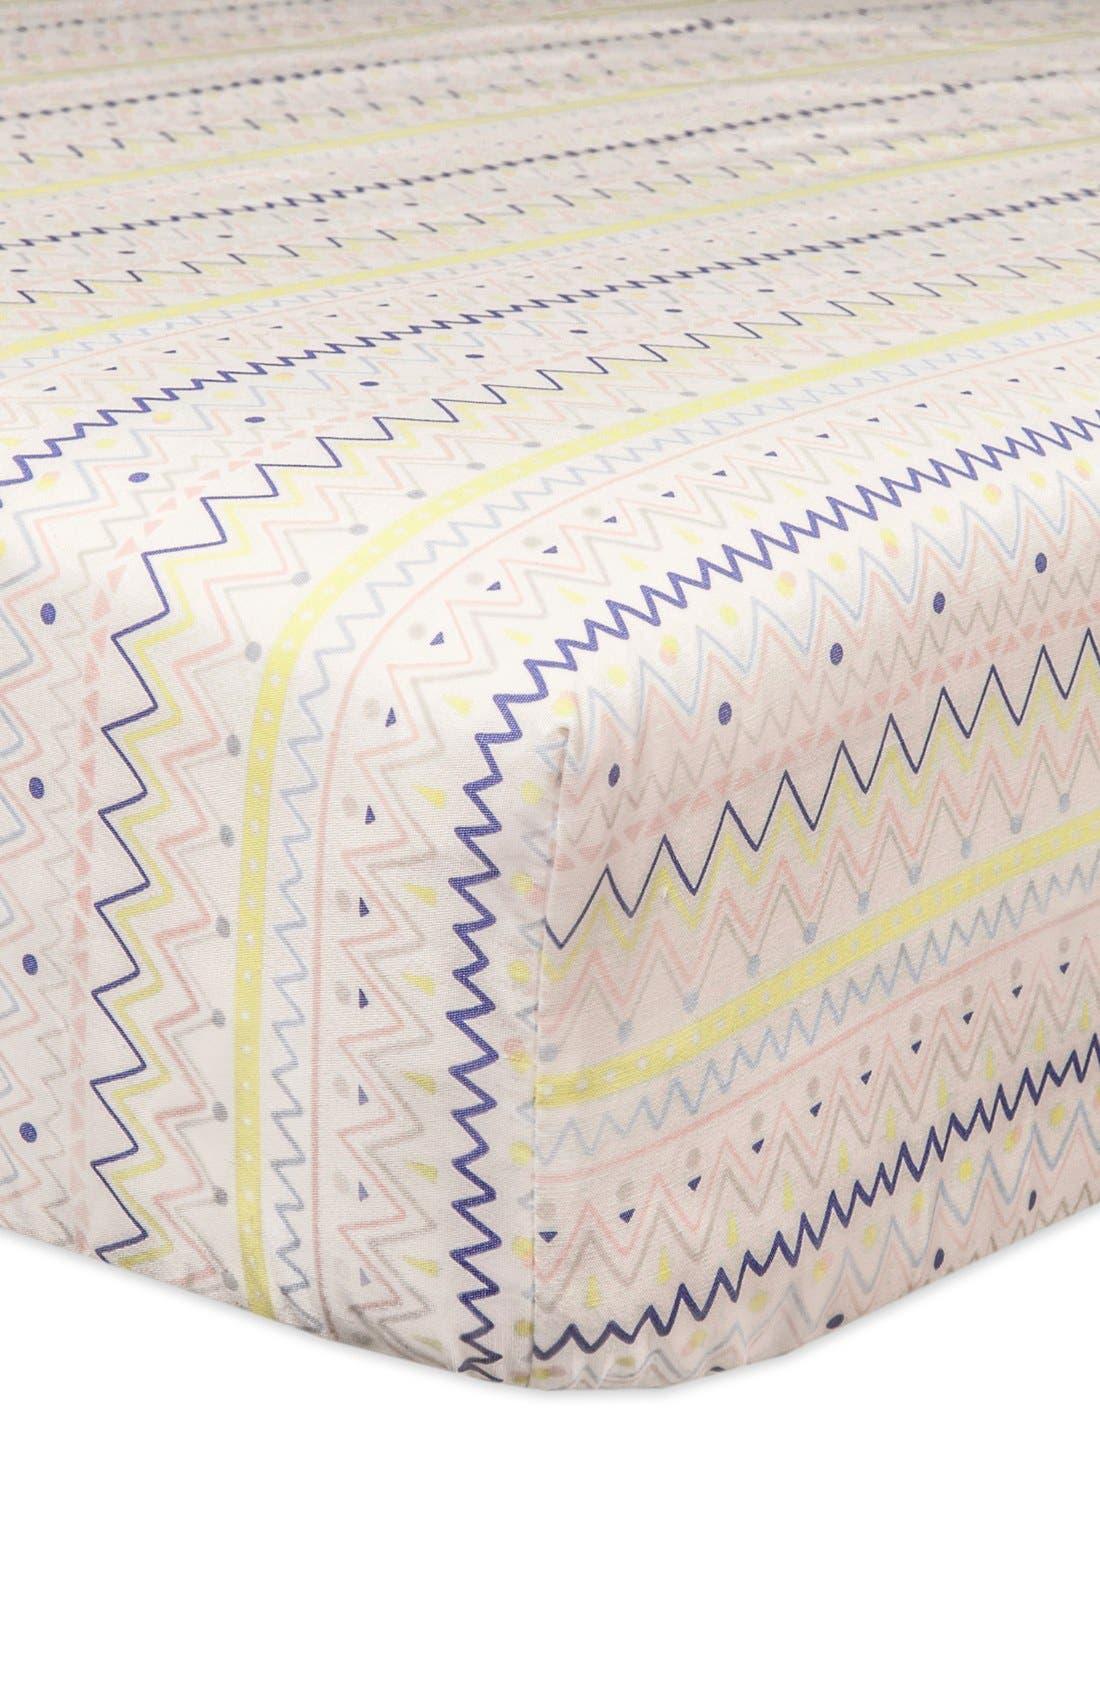 'Desert' Crib Sheet, Crib Skirt, Stroller Blanket & Wall Decals,                             Alternate thumbnail 2, color,                             900